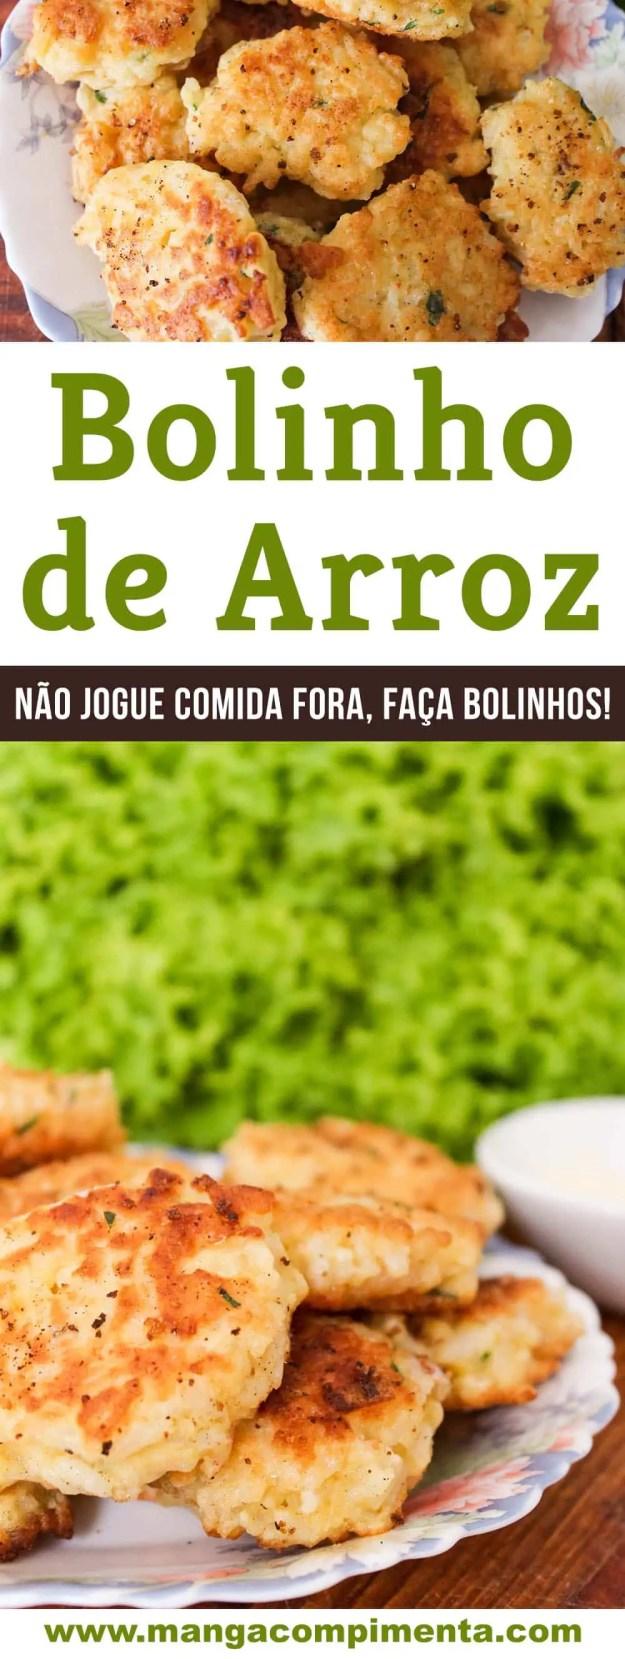 Bolinho de Arroz - economize fazendo um prato delicioso.